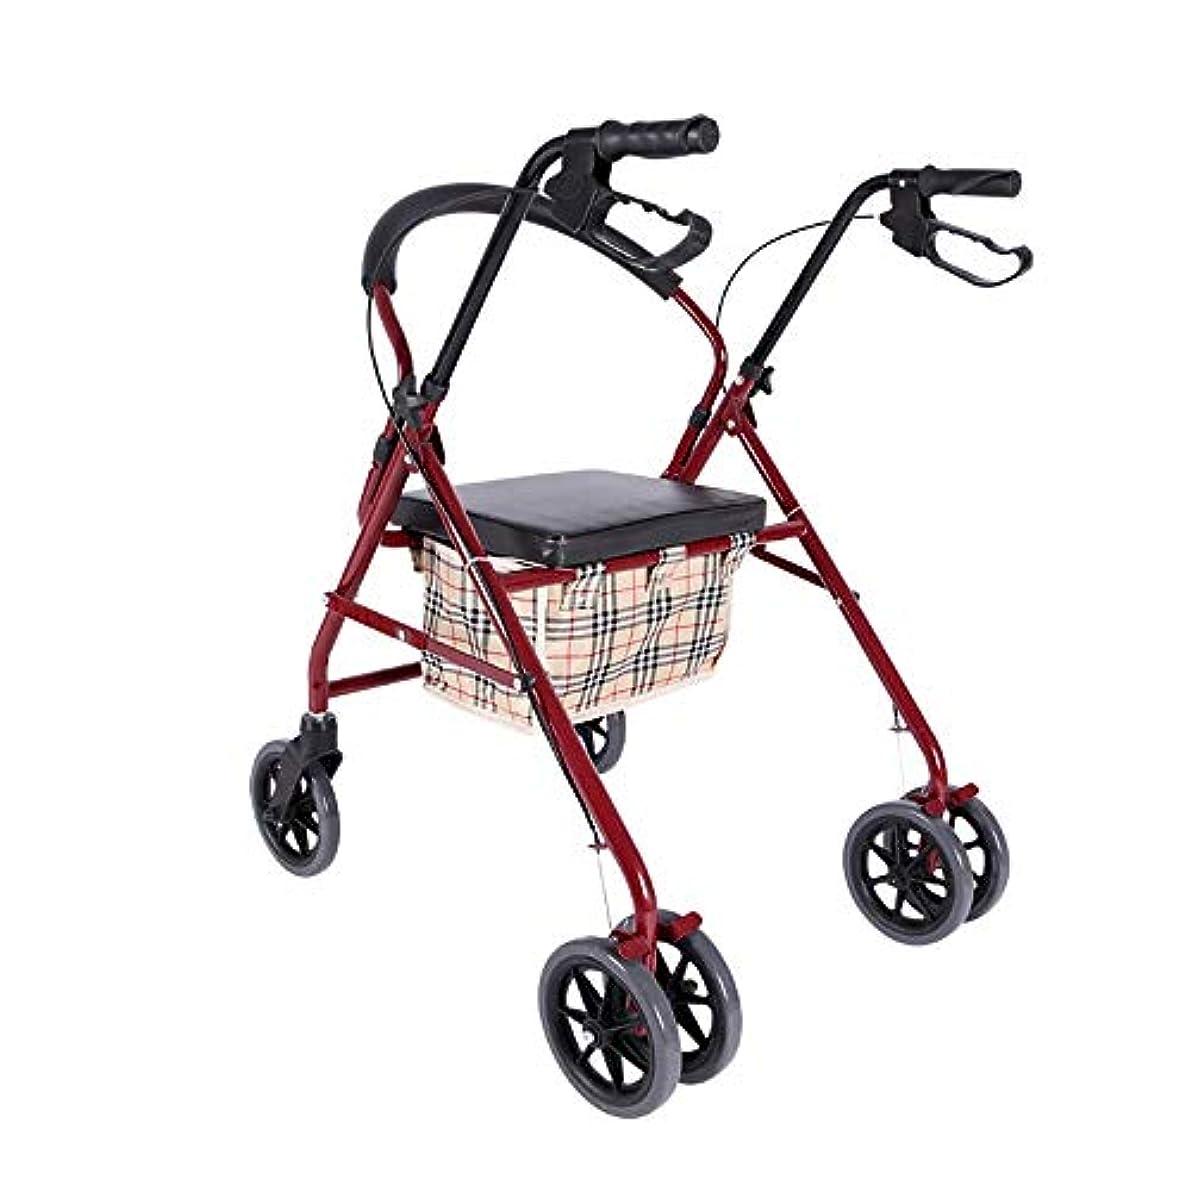 大理石アプローチ偽善パッド入りシート、ロック可能なブレーキ、人間工学に基づいたハンドル、キャリーバッグを備えた軽量折りたたみ式四輪歩行器ウォーカー